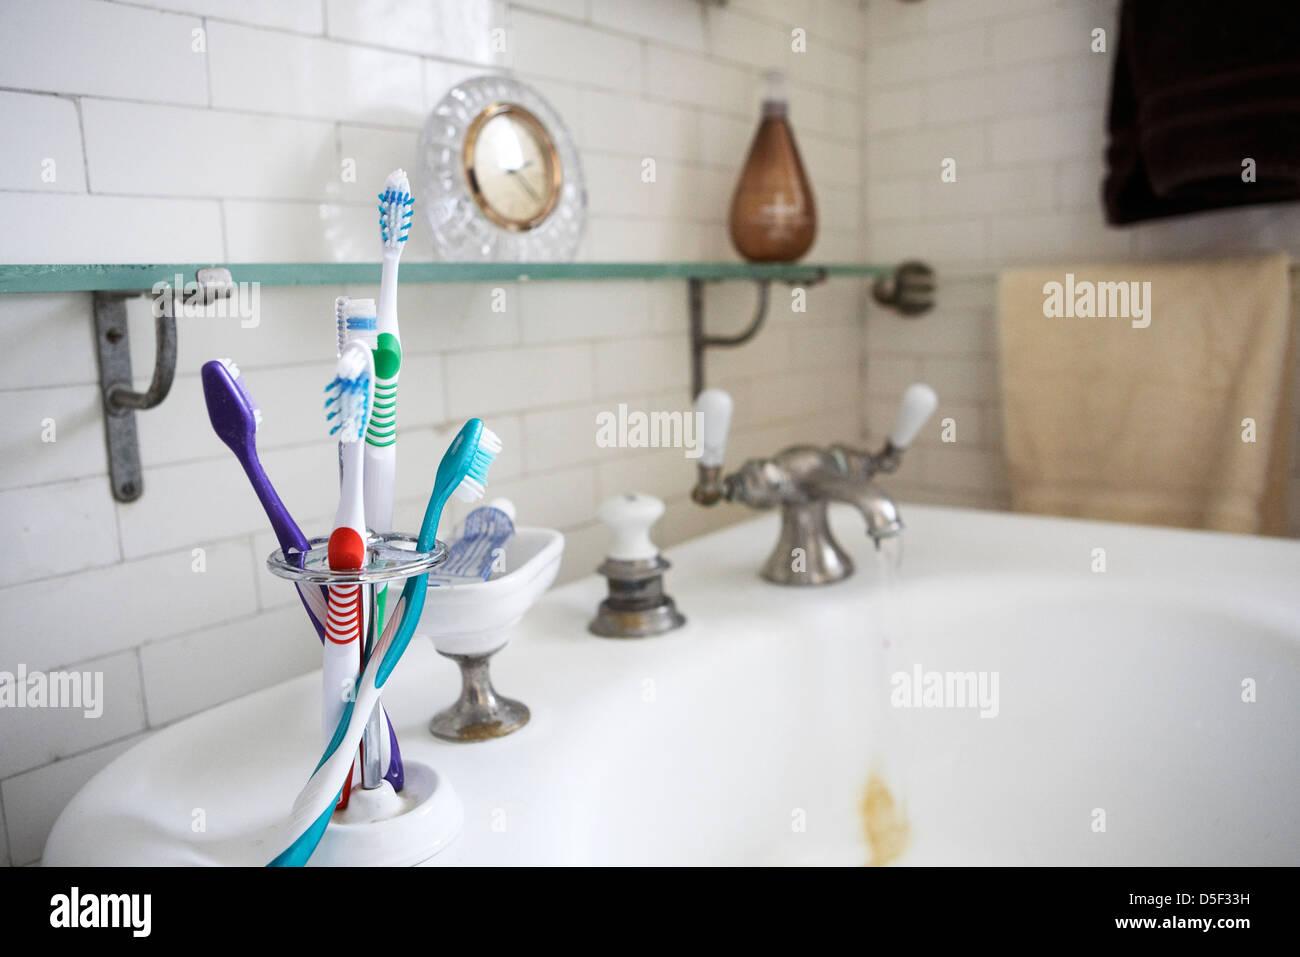 Zahnbürsten auf Vintage Waschbecken Stockbild